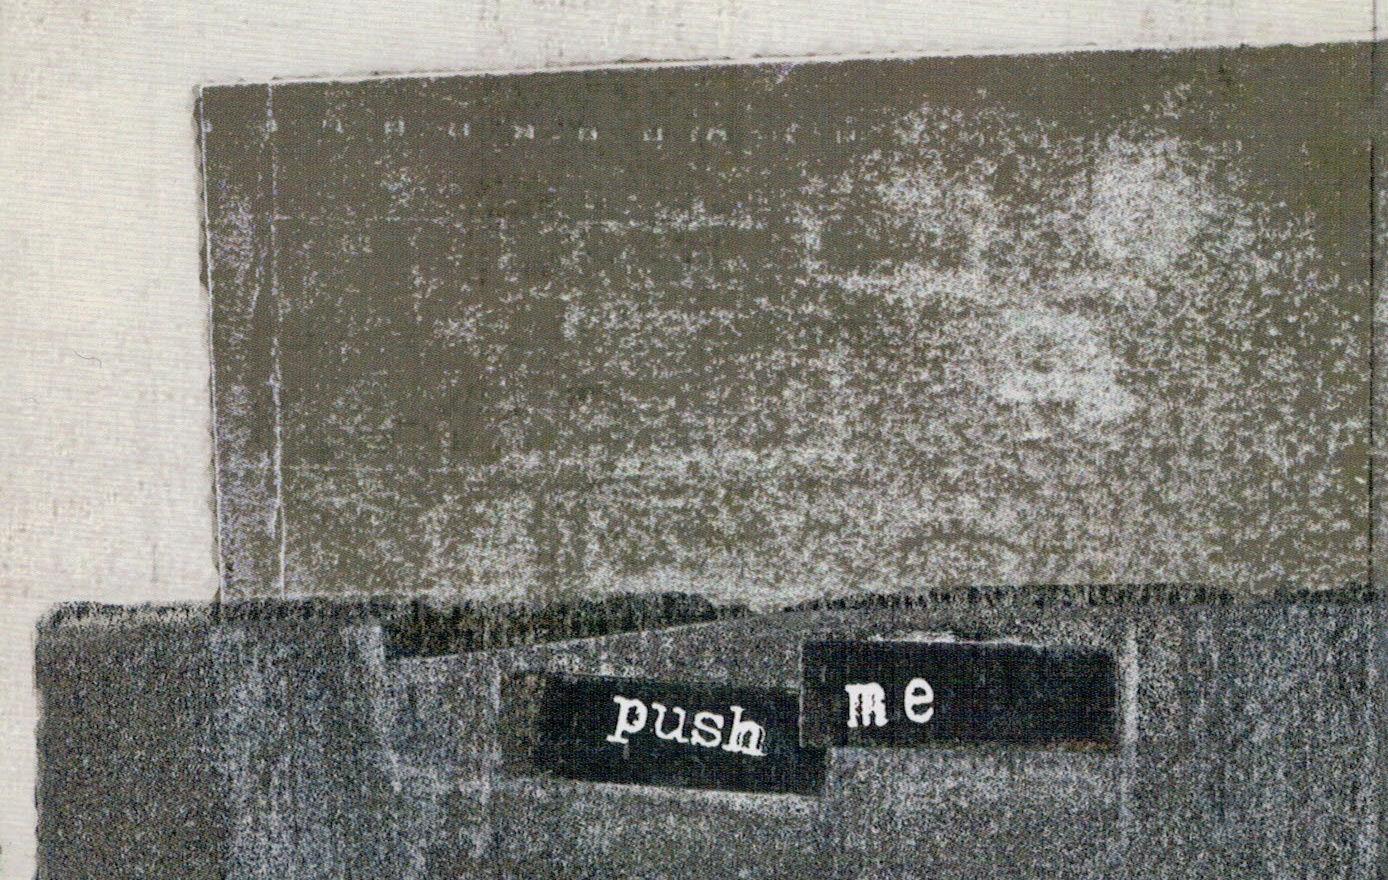 언체인드 - Push me